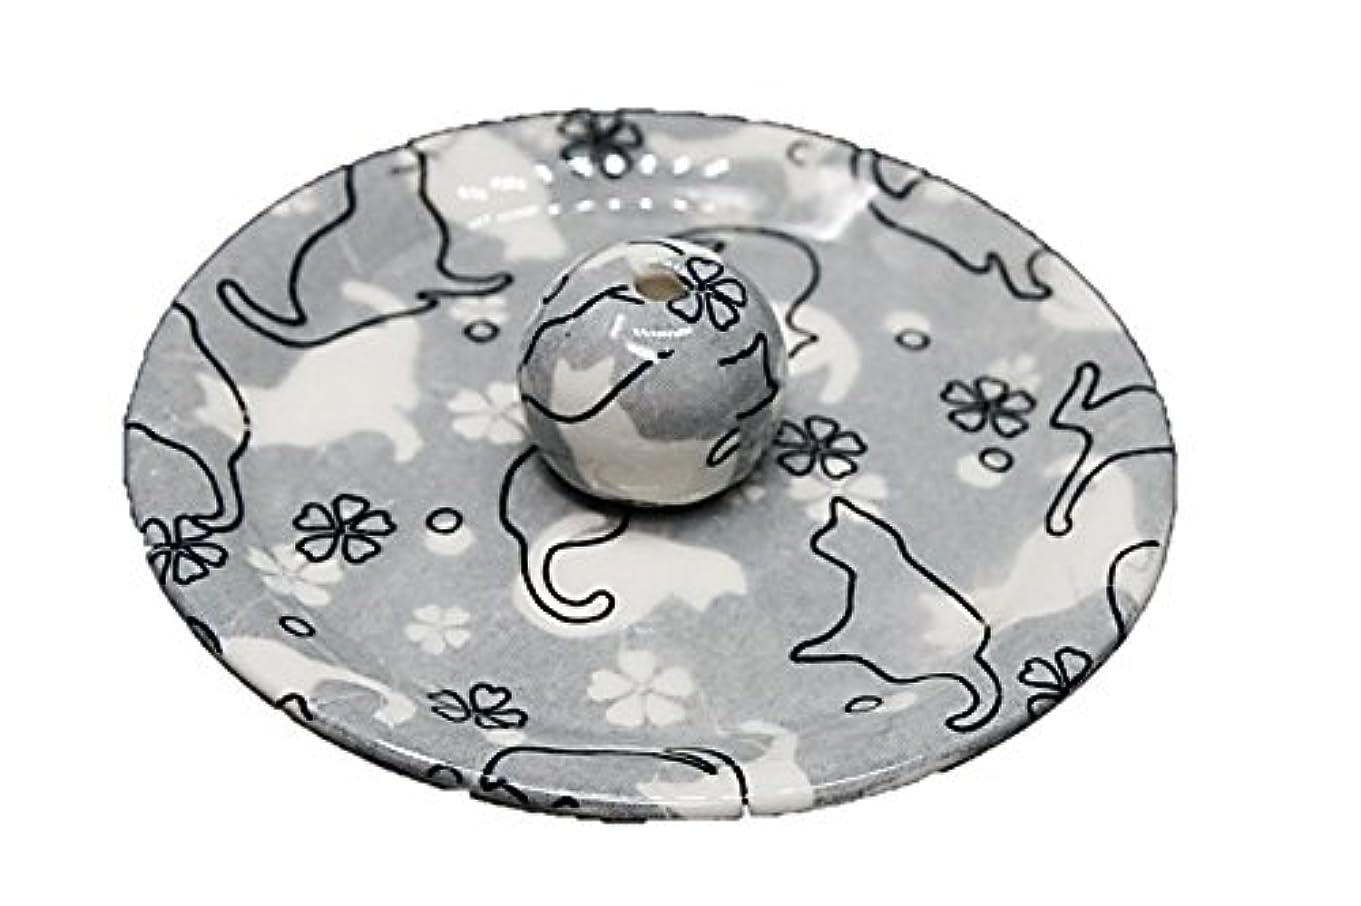 コイン断線ホイッスル9-48 ねこランド(グレー) 9cm香皿 日本製 お香立て 陶器 猫柄